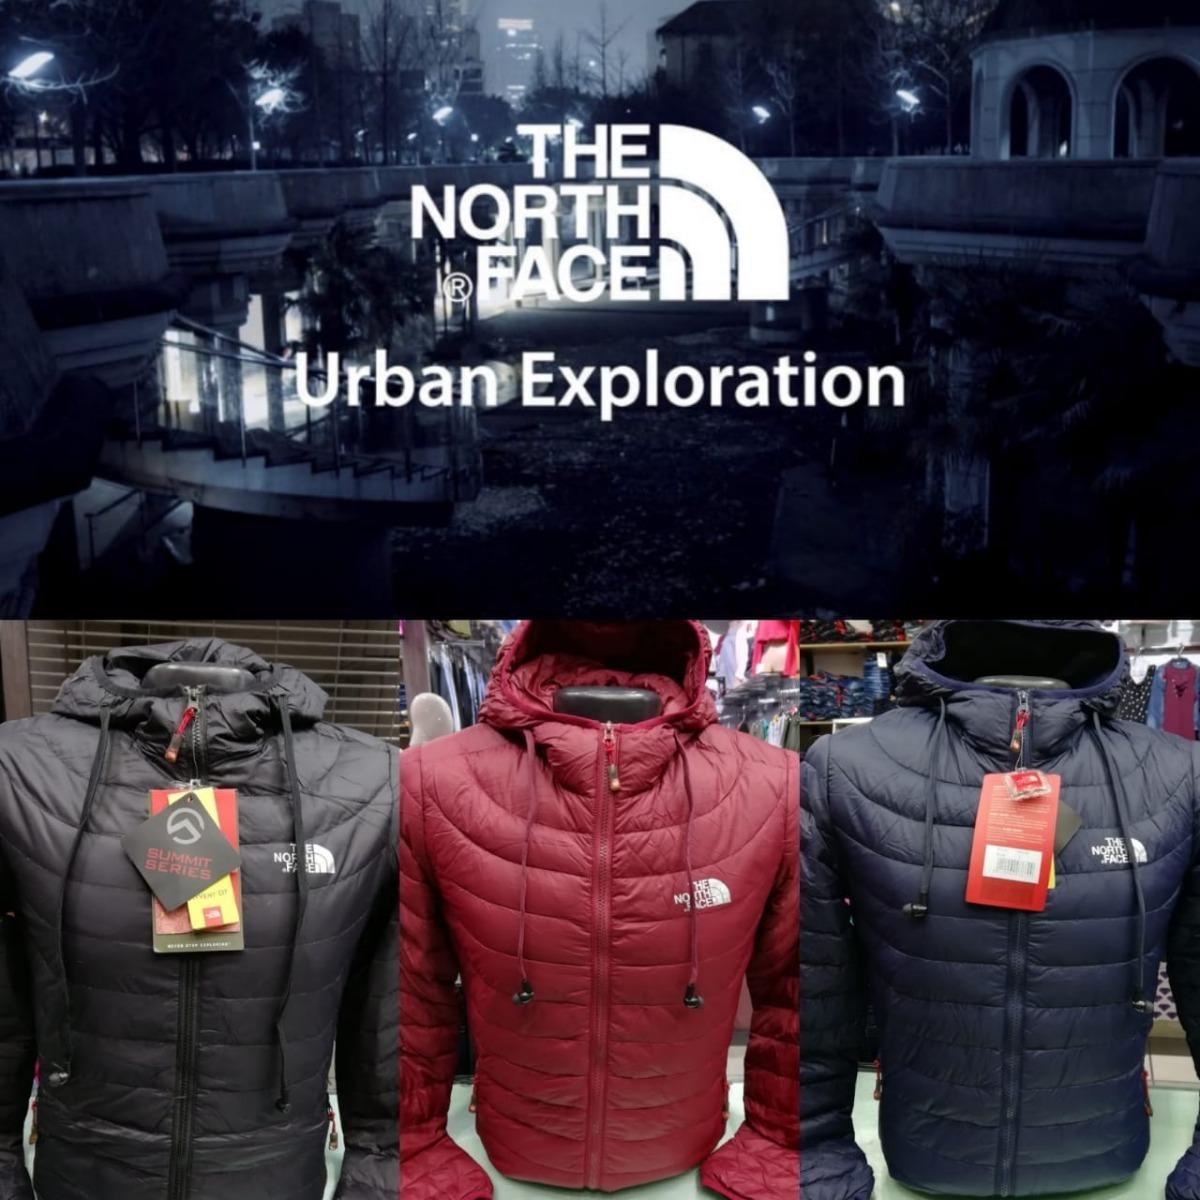 chaquetas north face hombre, The north face hombre abrigos y